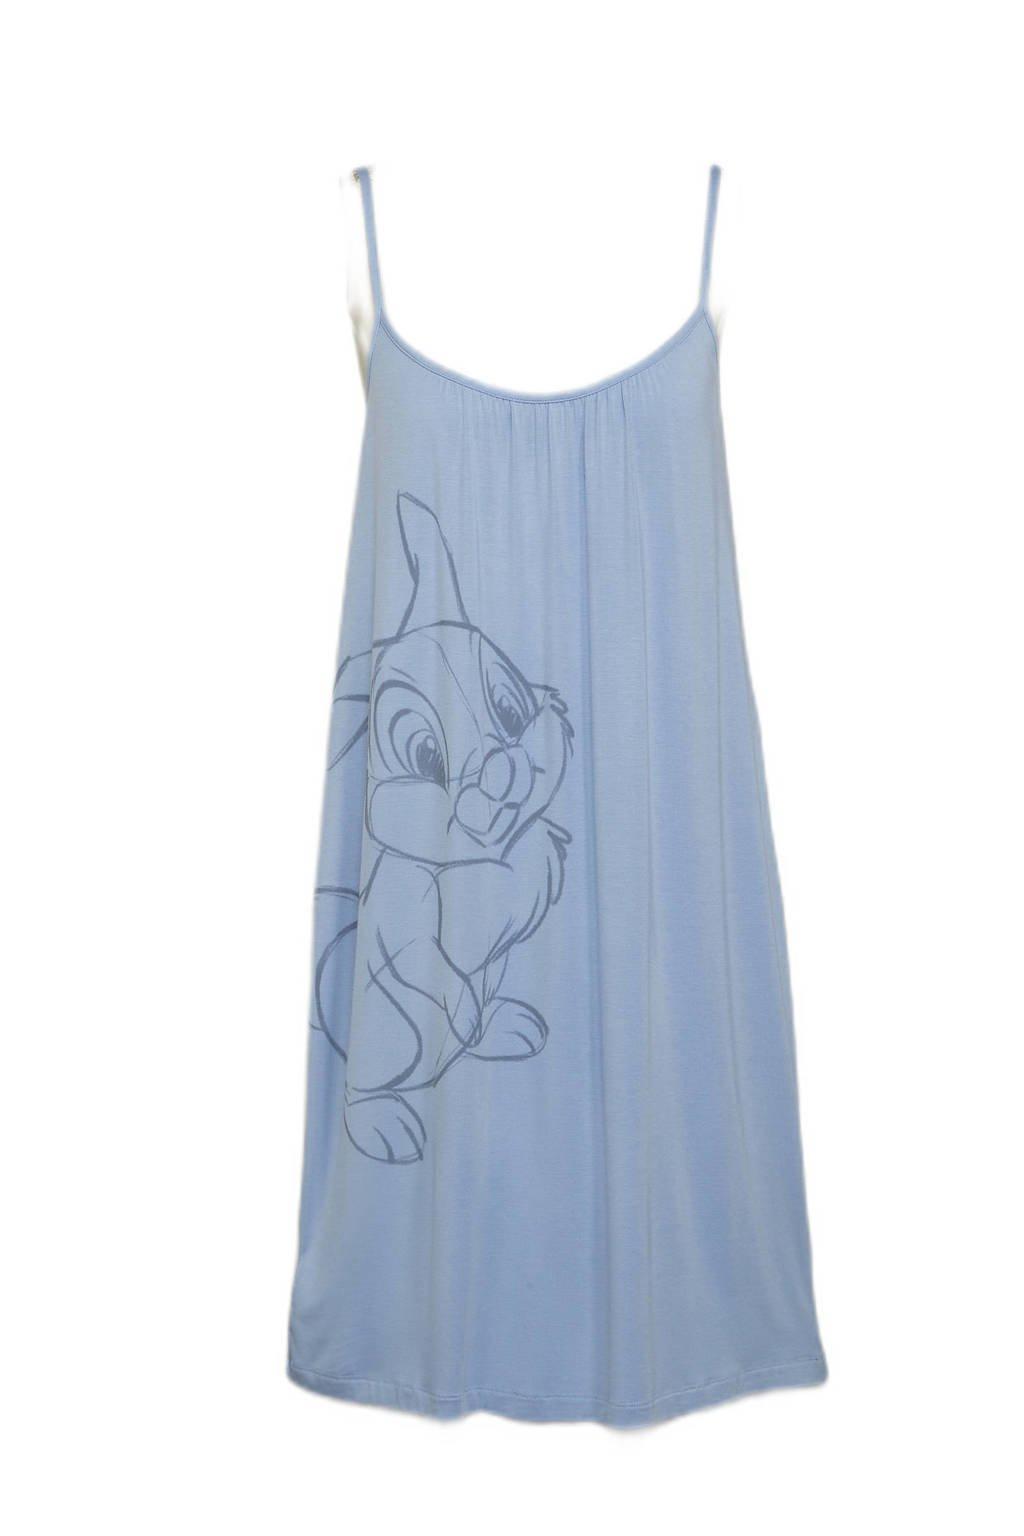 Disney @ C&A slipdress met printopdruk lichtblauw, Lichtblauw